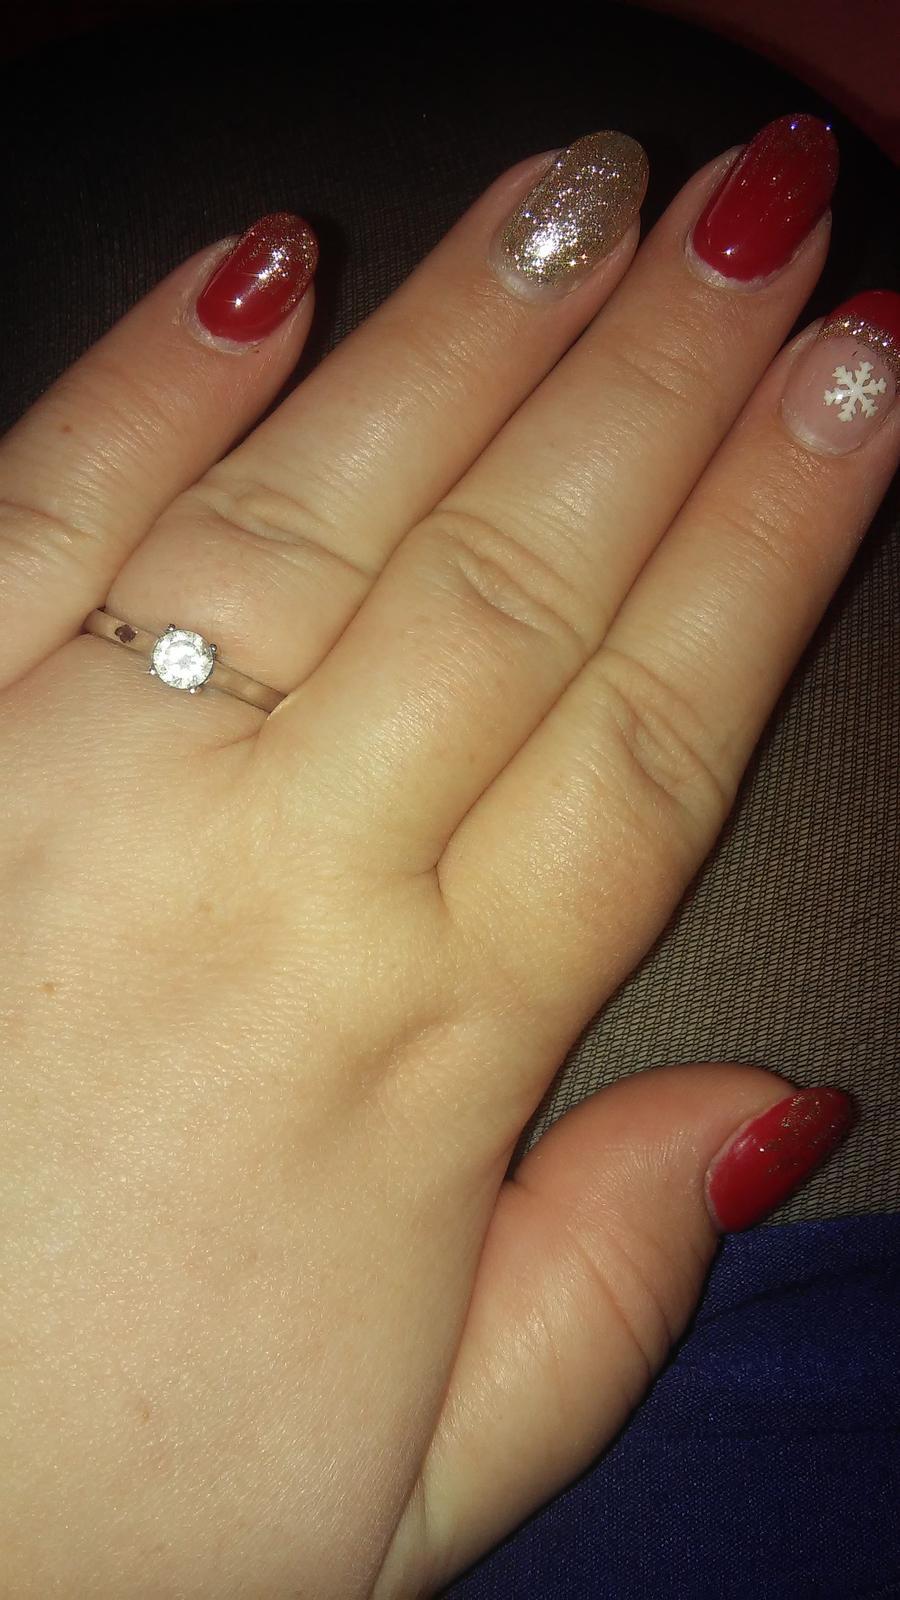 Se zásnubním prstýnkem se... - Obrázek č. 2